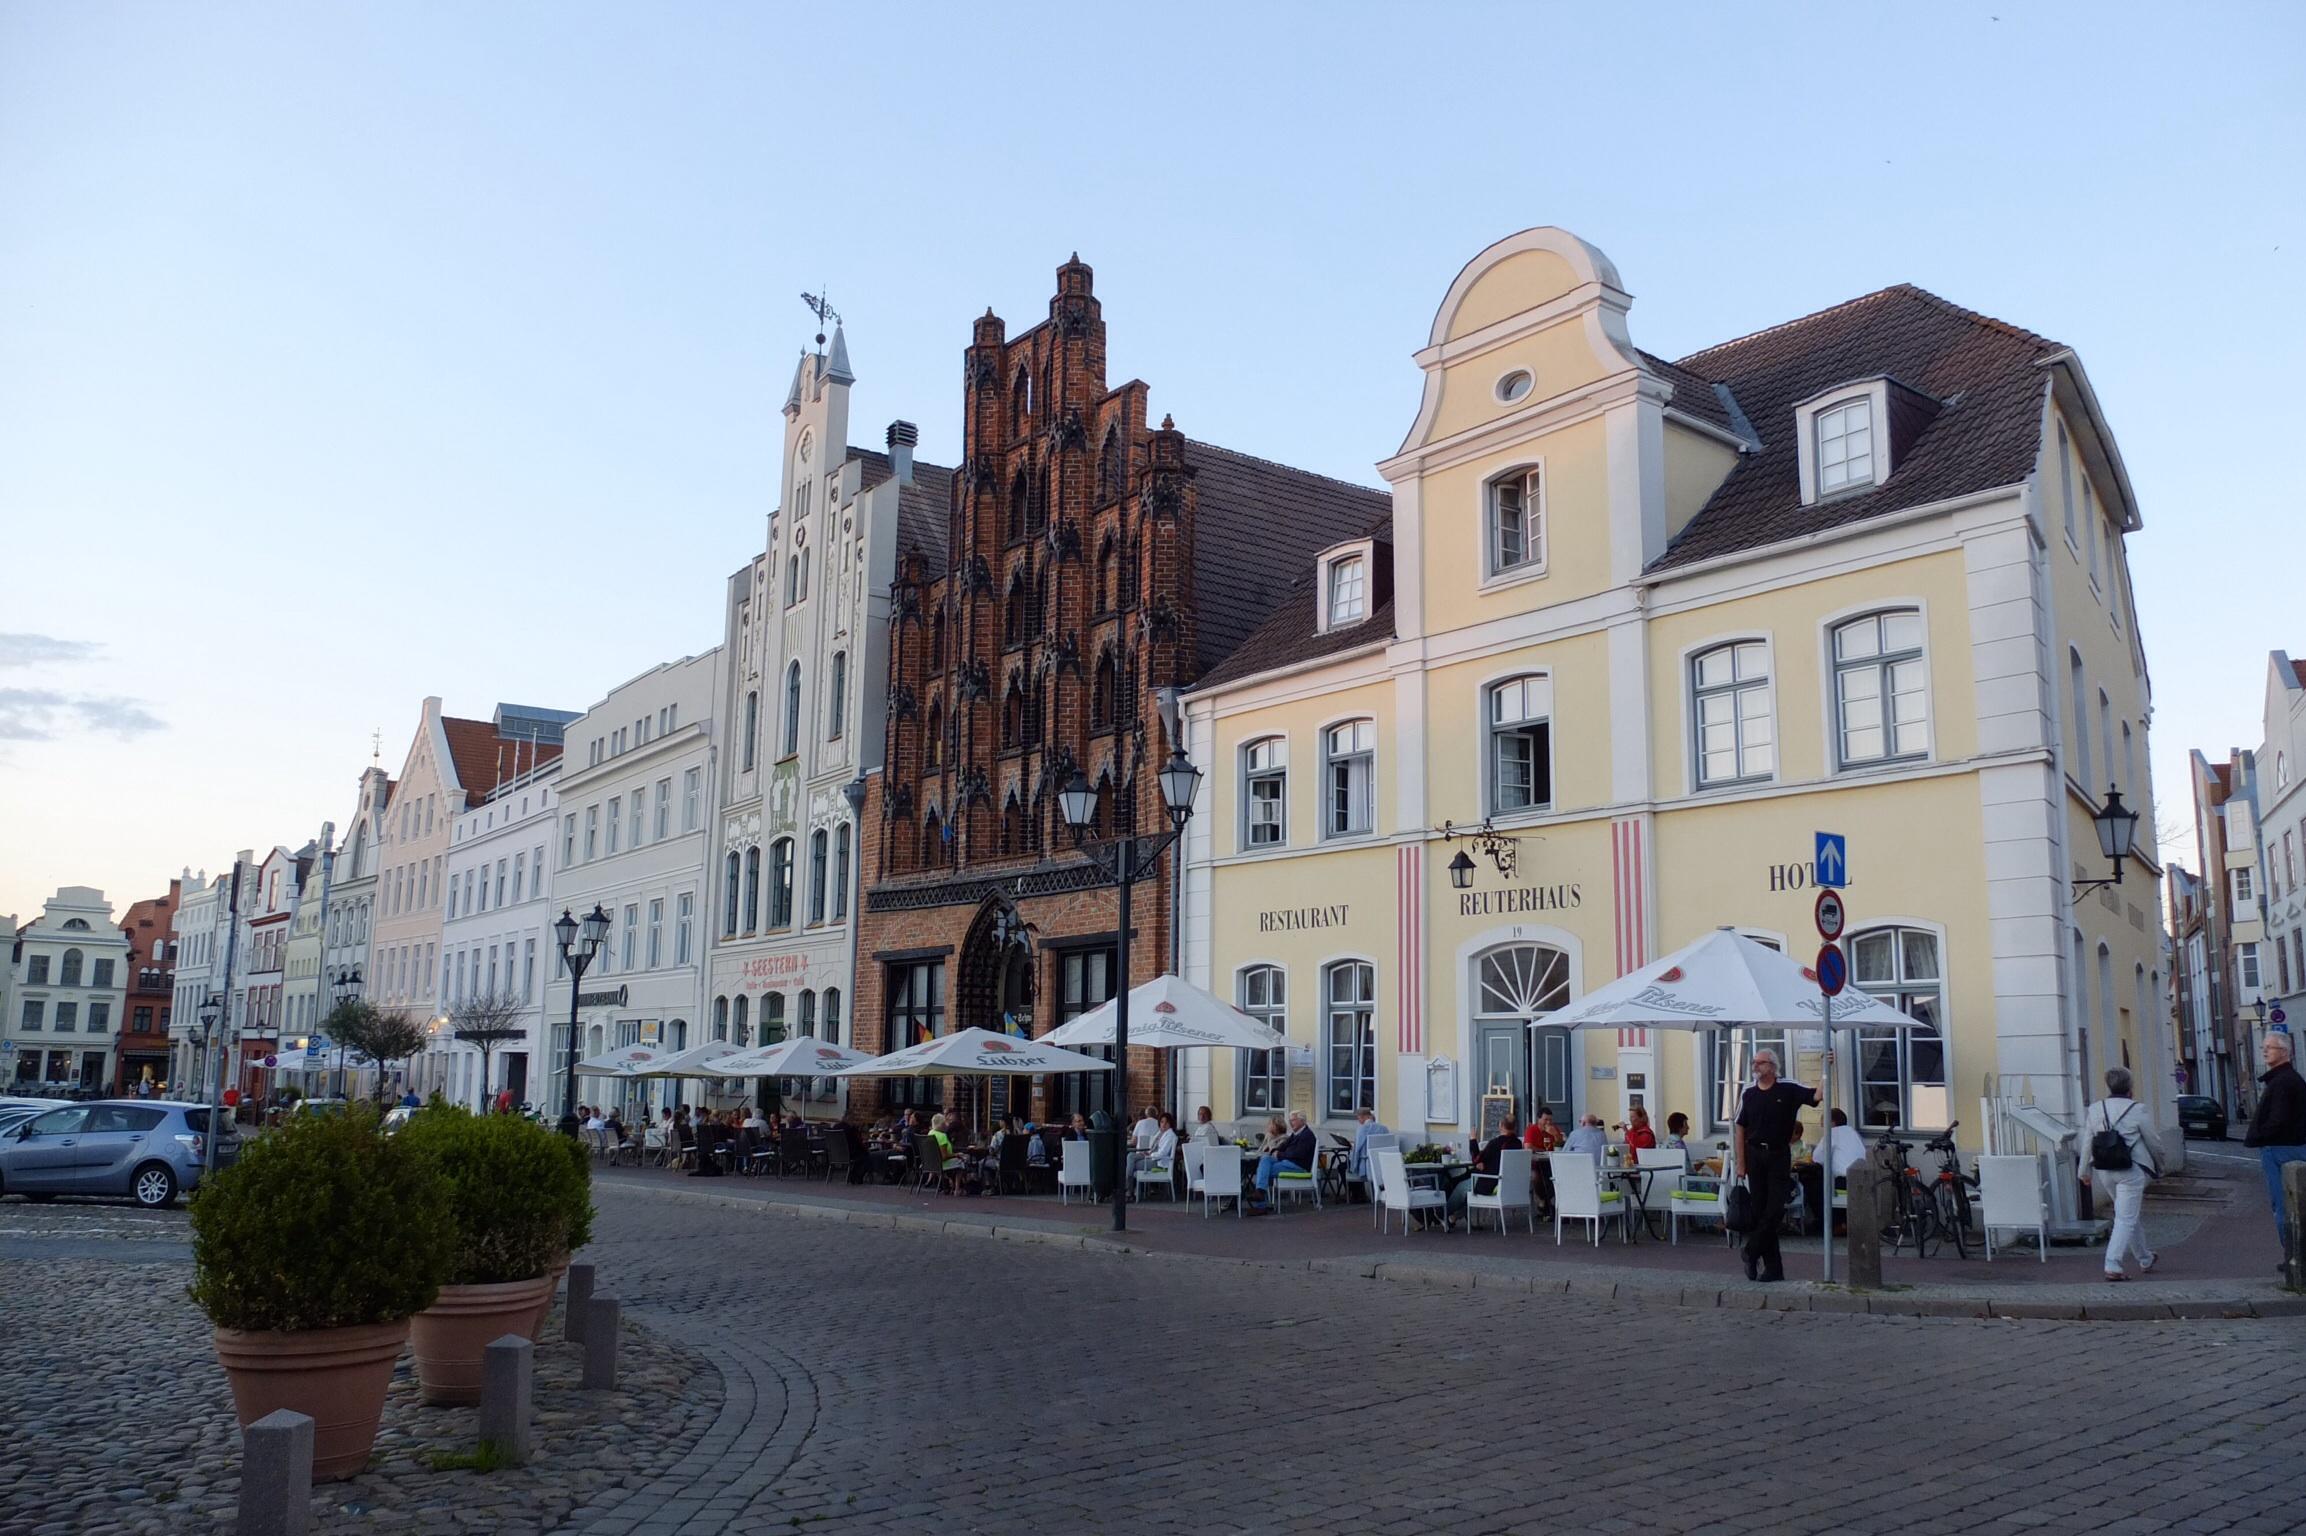 Wismars torv er kranset af smukke bygninger. Vi boede på hotel Reuterhaus - huset til højre.